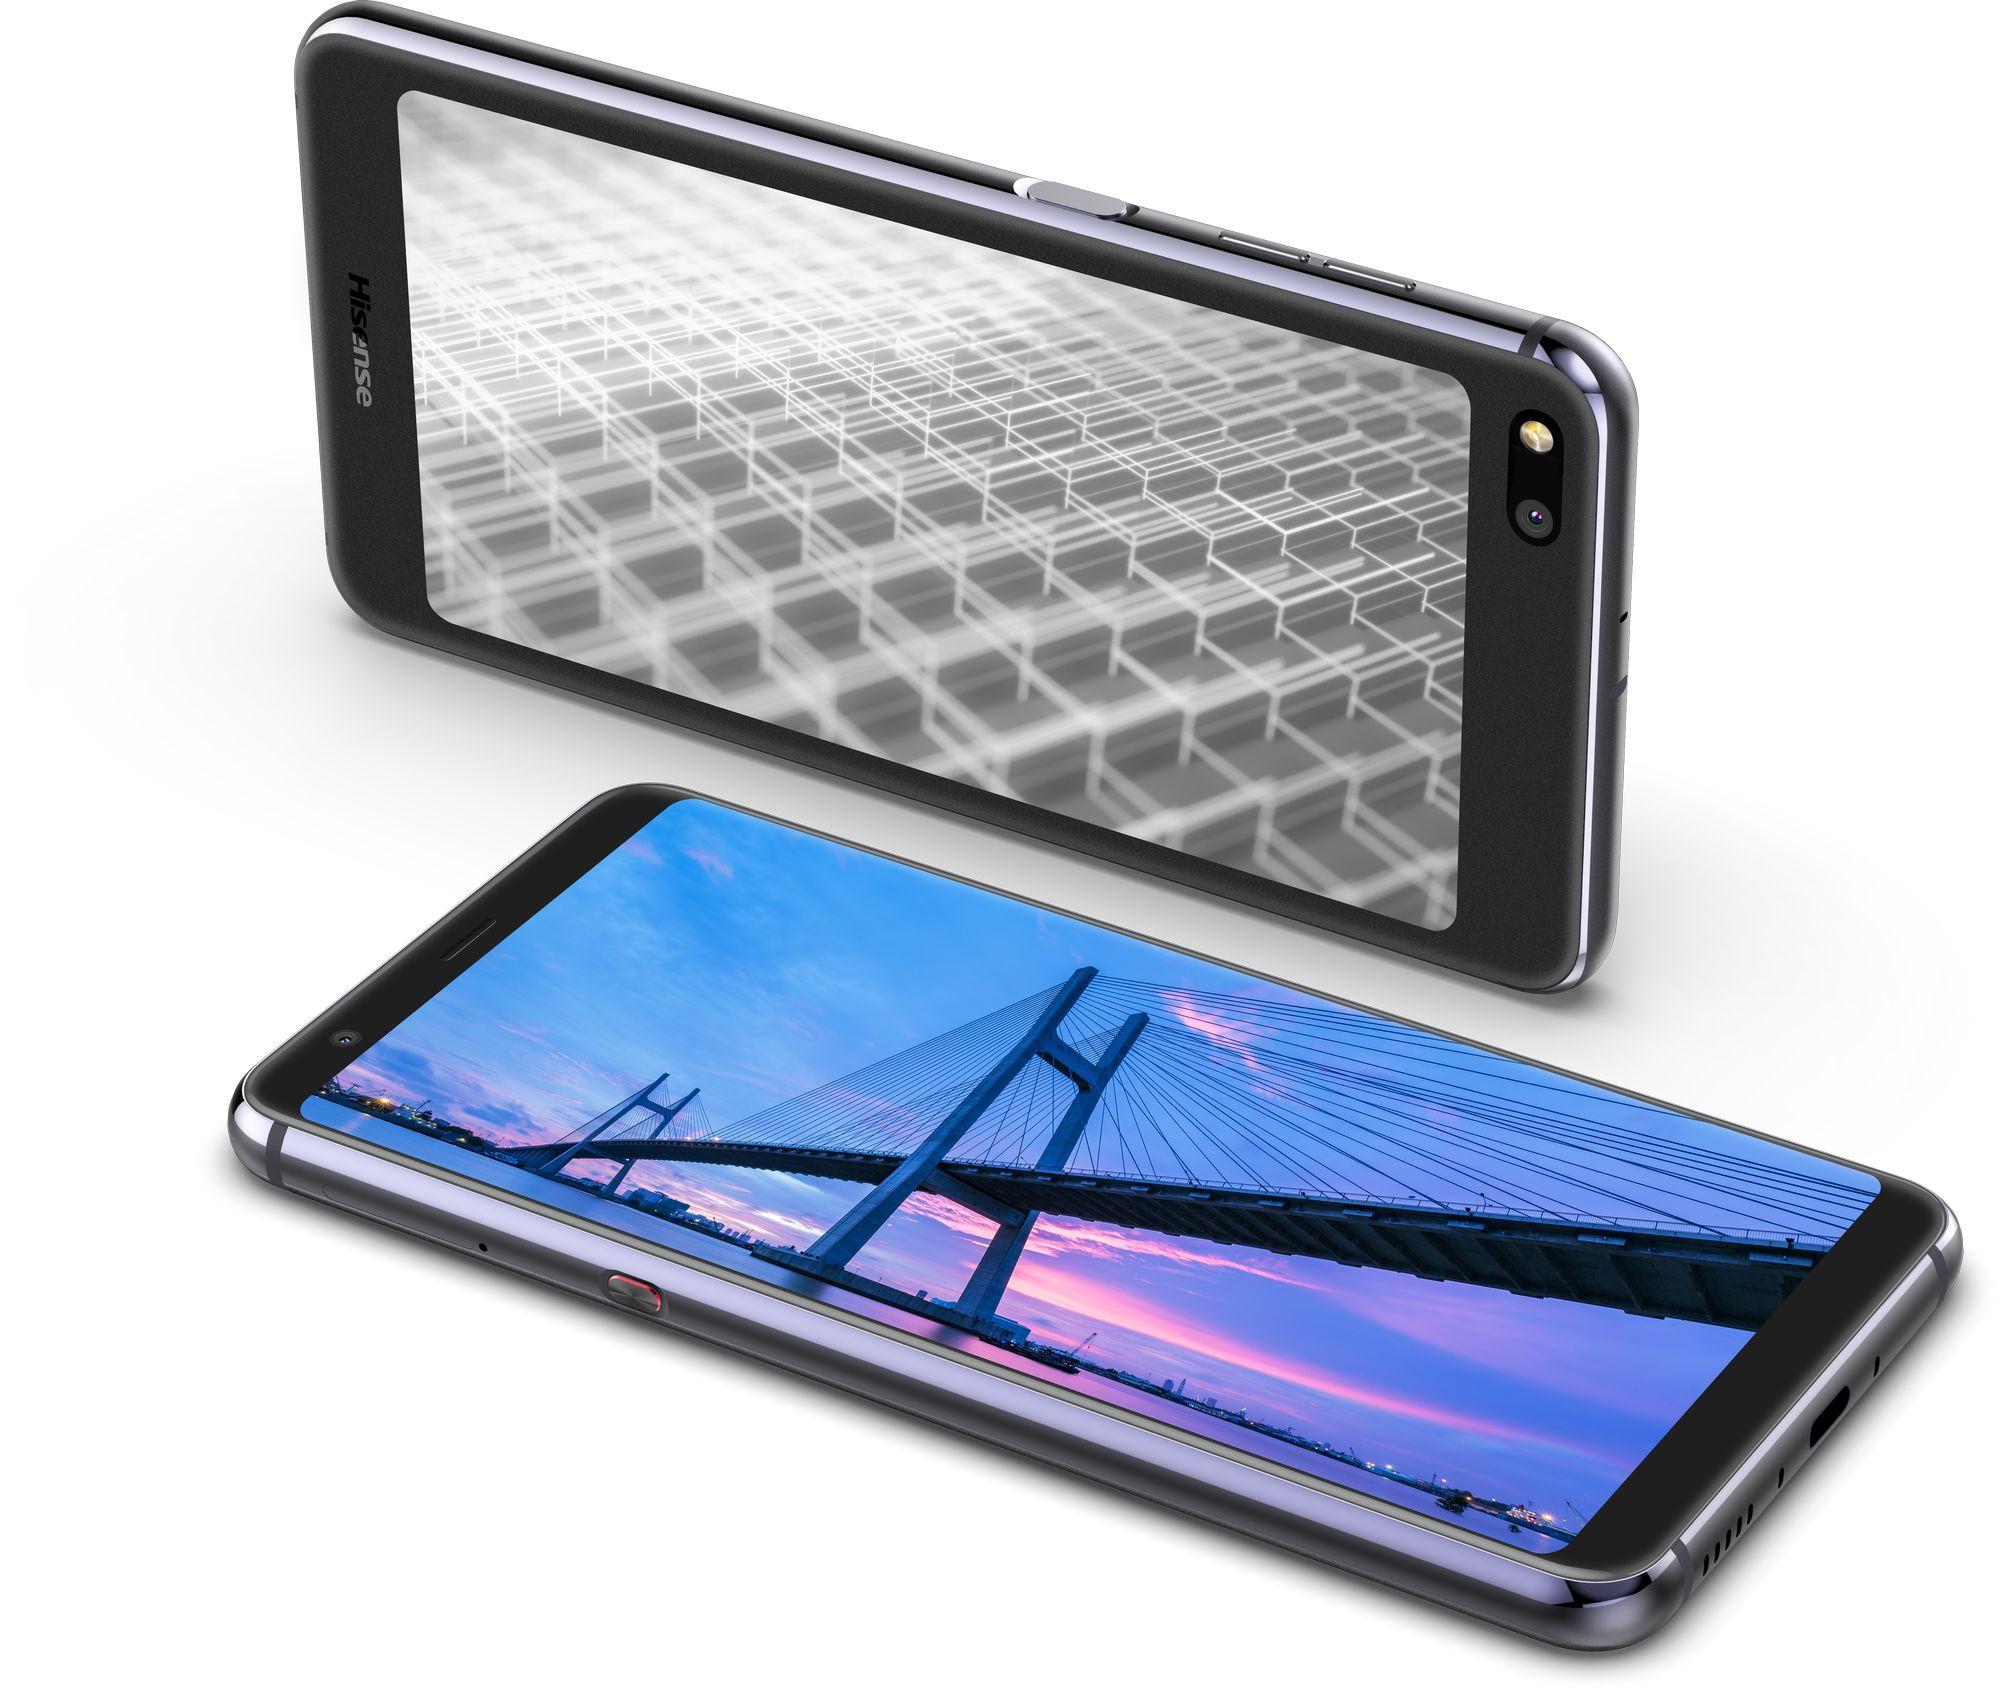 [ IFA 2018 ] Hisense A6 : un nouveau smartphone doté d'un écran e-ink